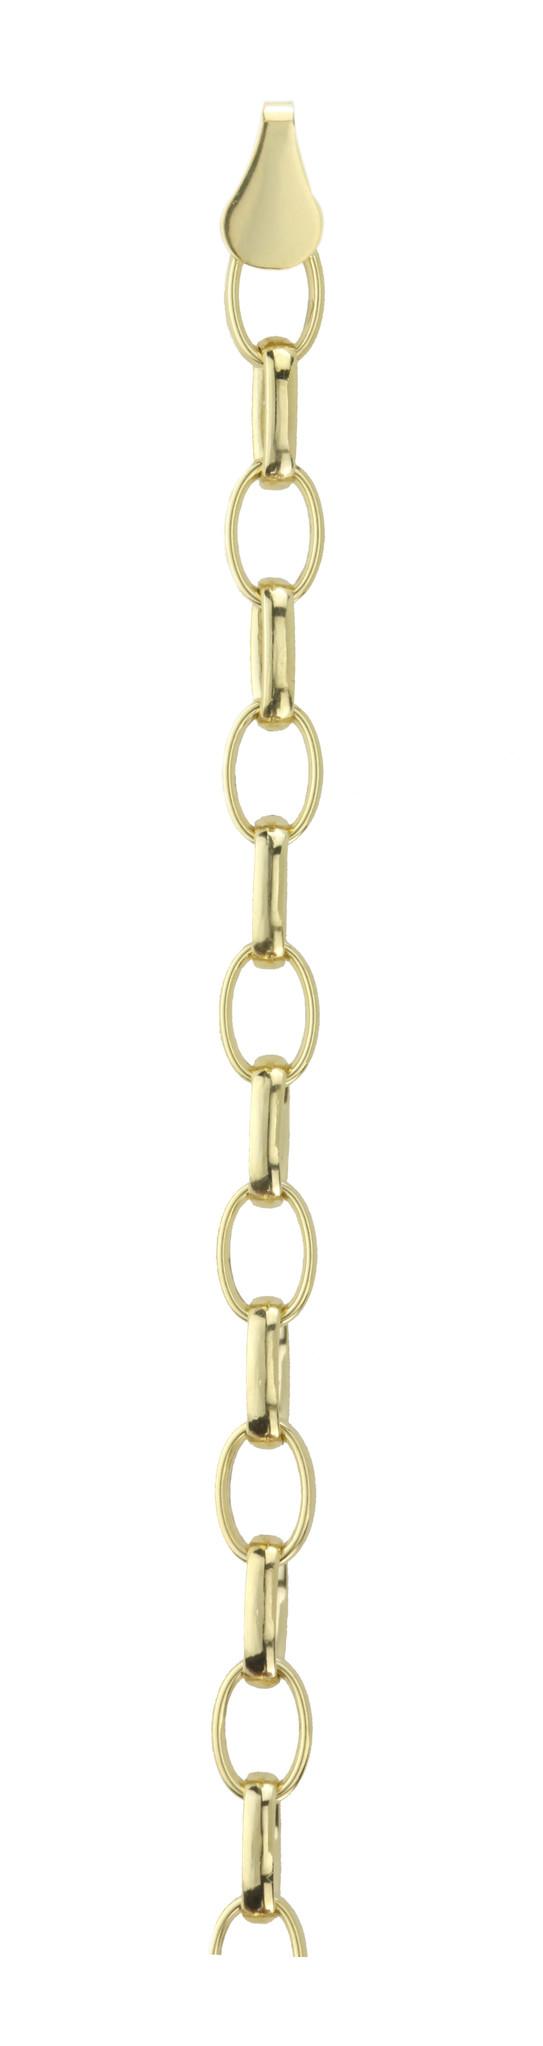 14 karaat geelgouden Jasseron armband - Fjory-1